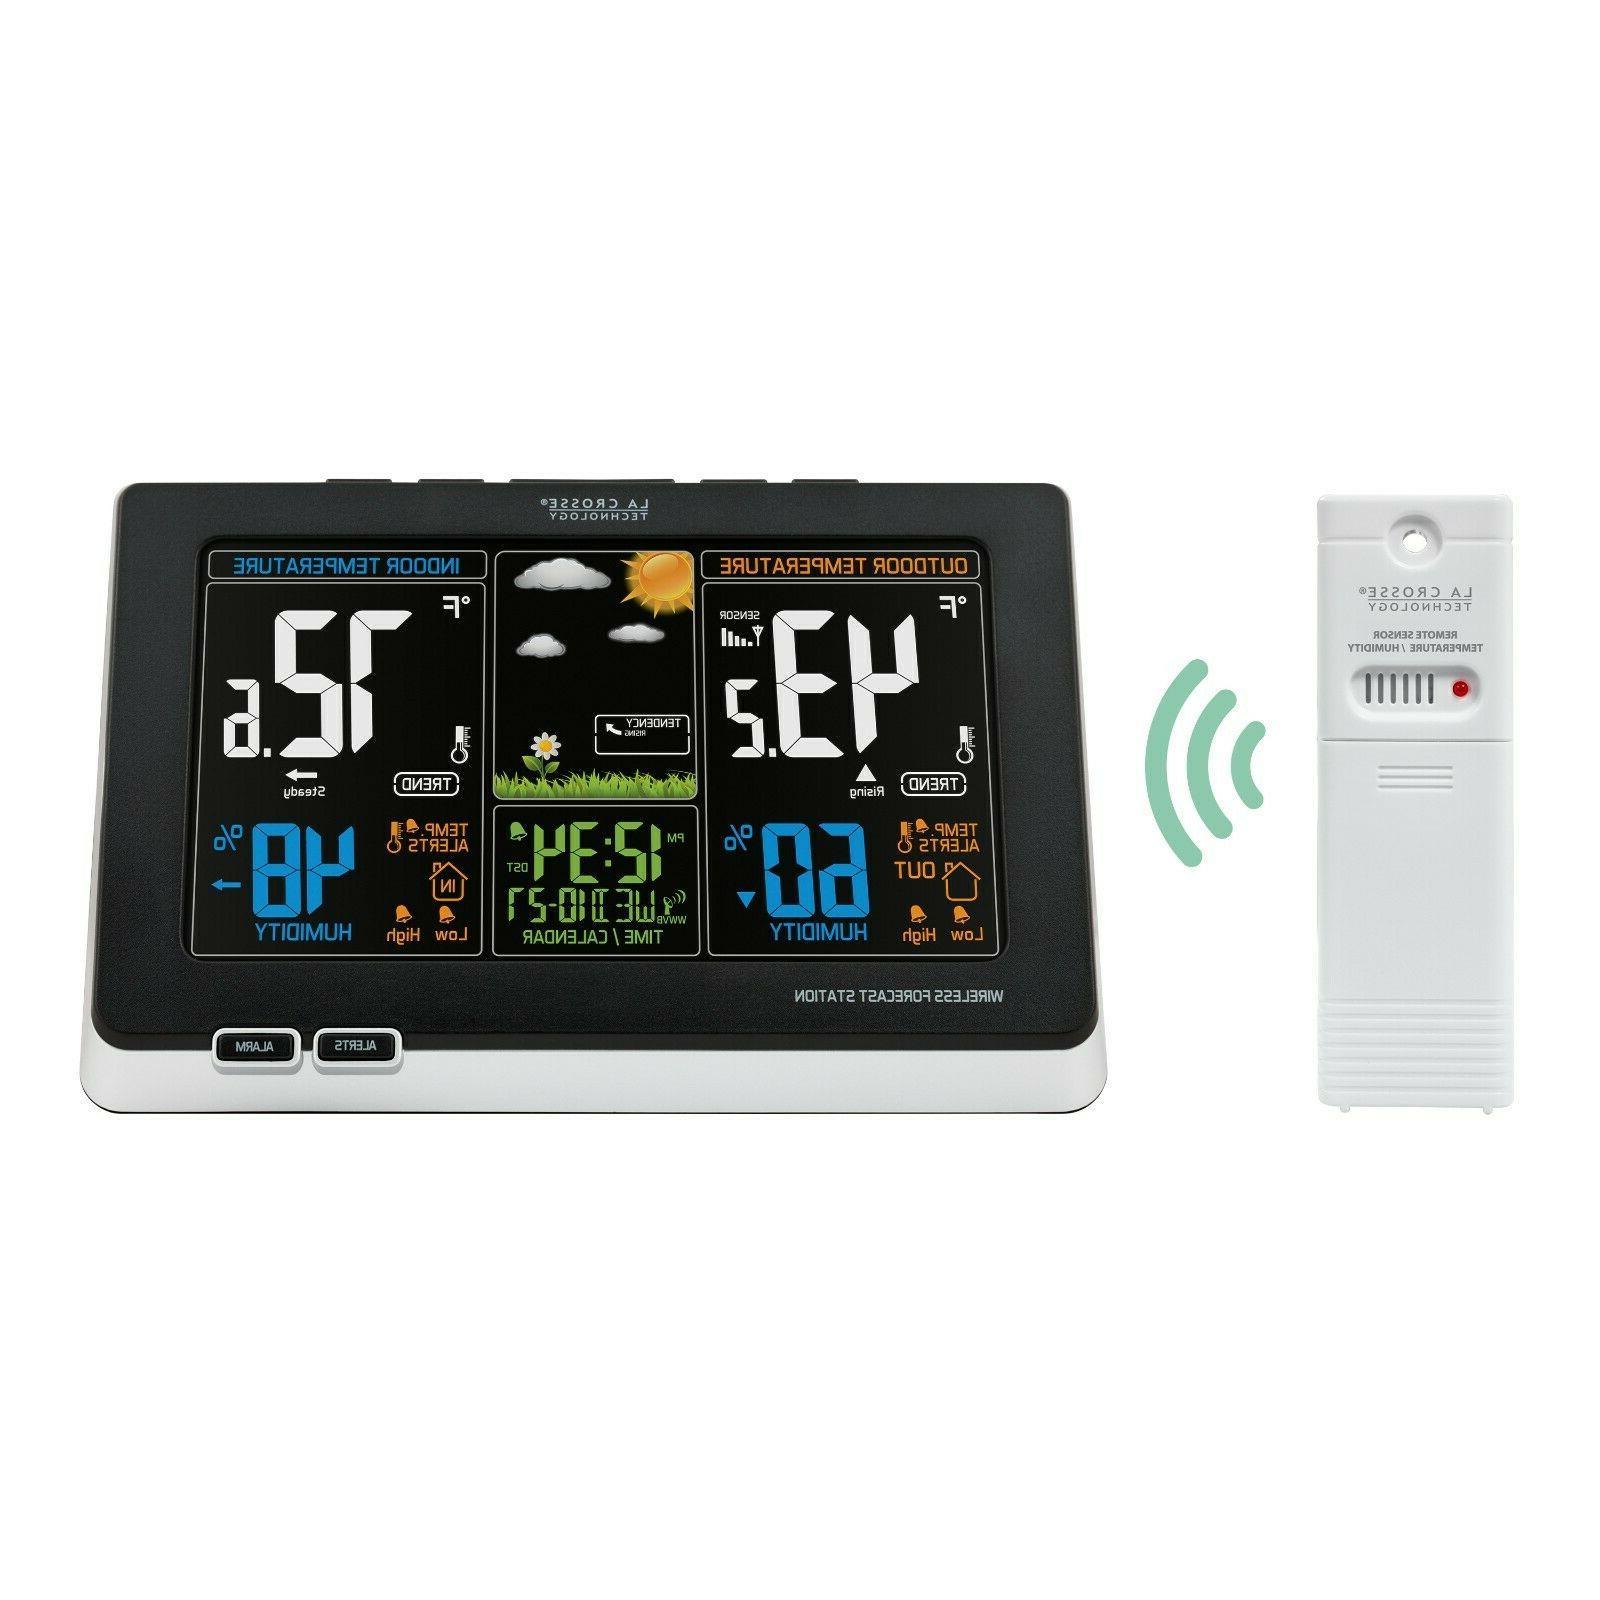 la barometers 308 1414b wireless